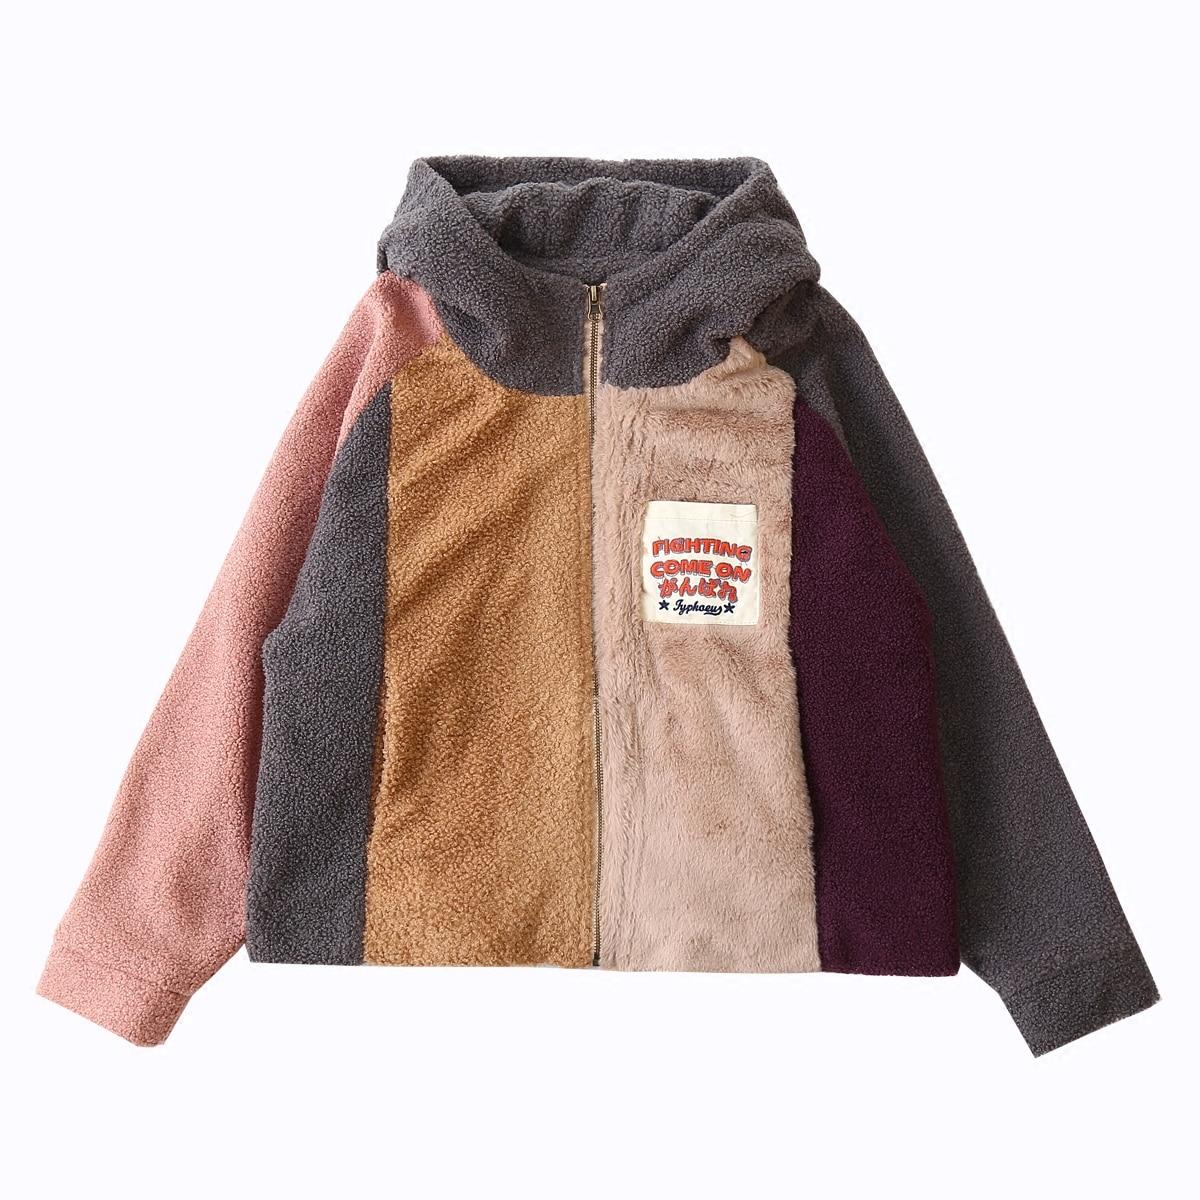 ฤดูใบไม้ร่วงออกแบบใหม่ Vintage Vintage Zip Up ผู้หญิงฤดูหนาวแจ็คเก็ตผู้หญิงขนแกะสีบล็อกเสื้อหนาสุภาพสตรีสุภาพสตรี Hooded Outwear-ใน แจ็กเก็ตแบบเบสิก จาก เสื้อผ้าสตรี บน   1